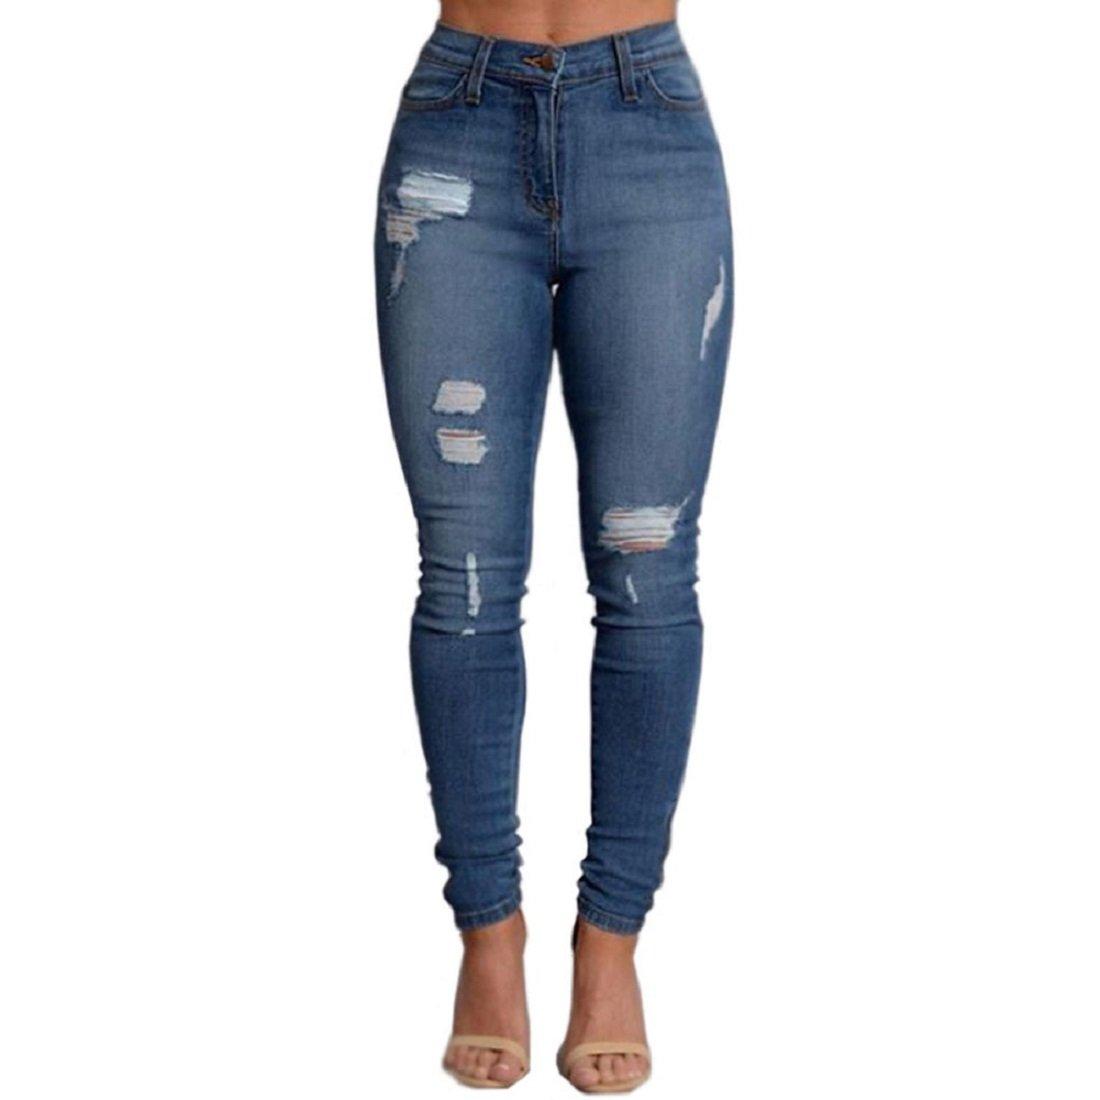 VICVIK Woman Knee Skinny Denim Distressed Ripped Boyfriend Jeans (L)